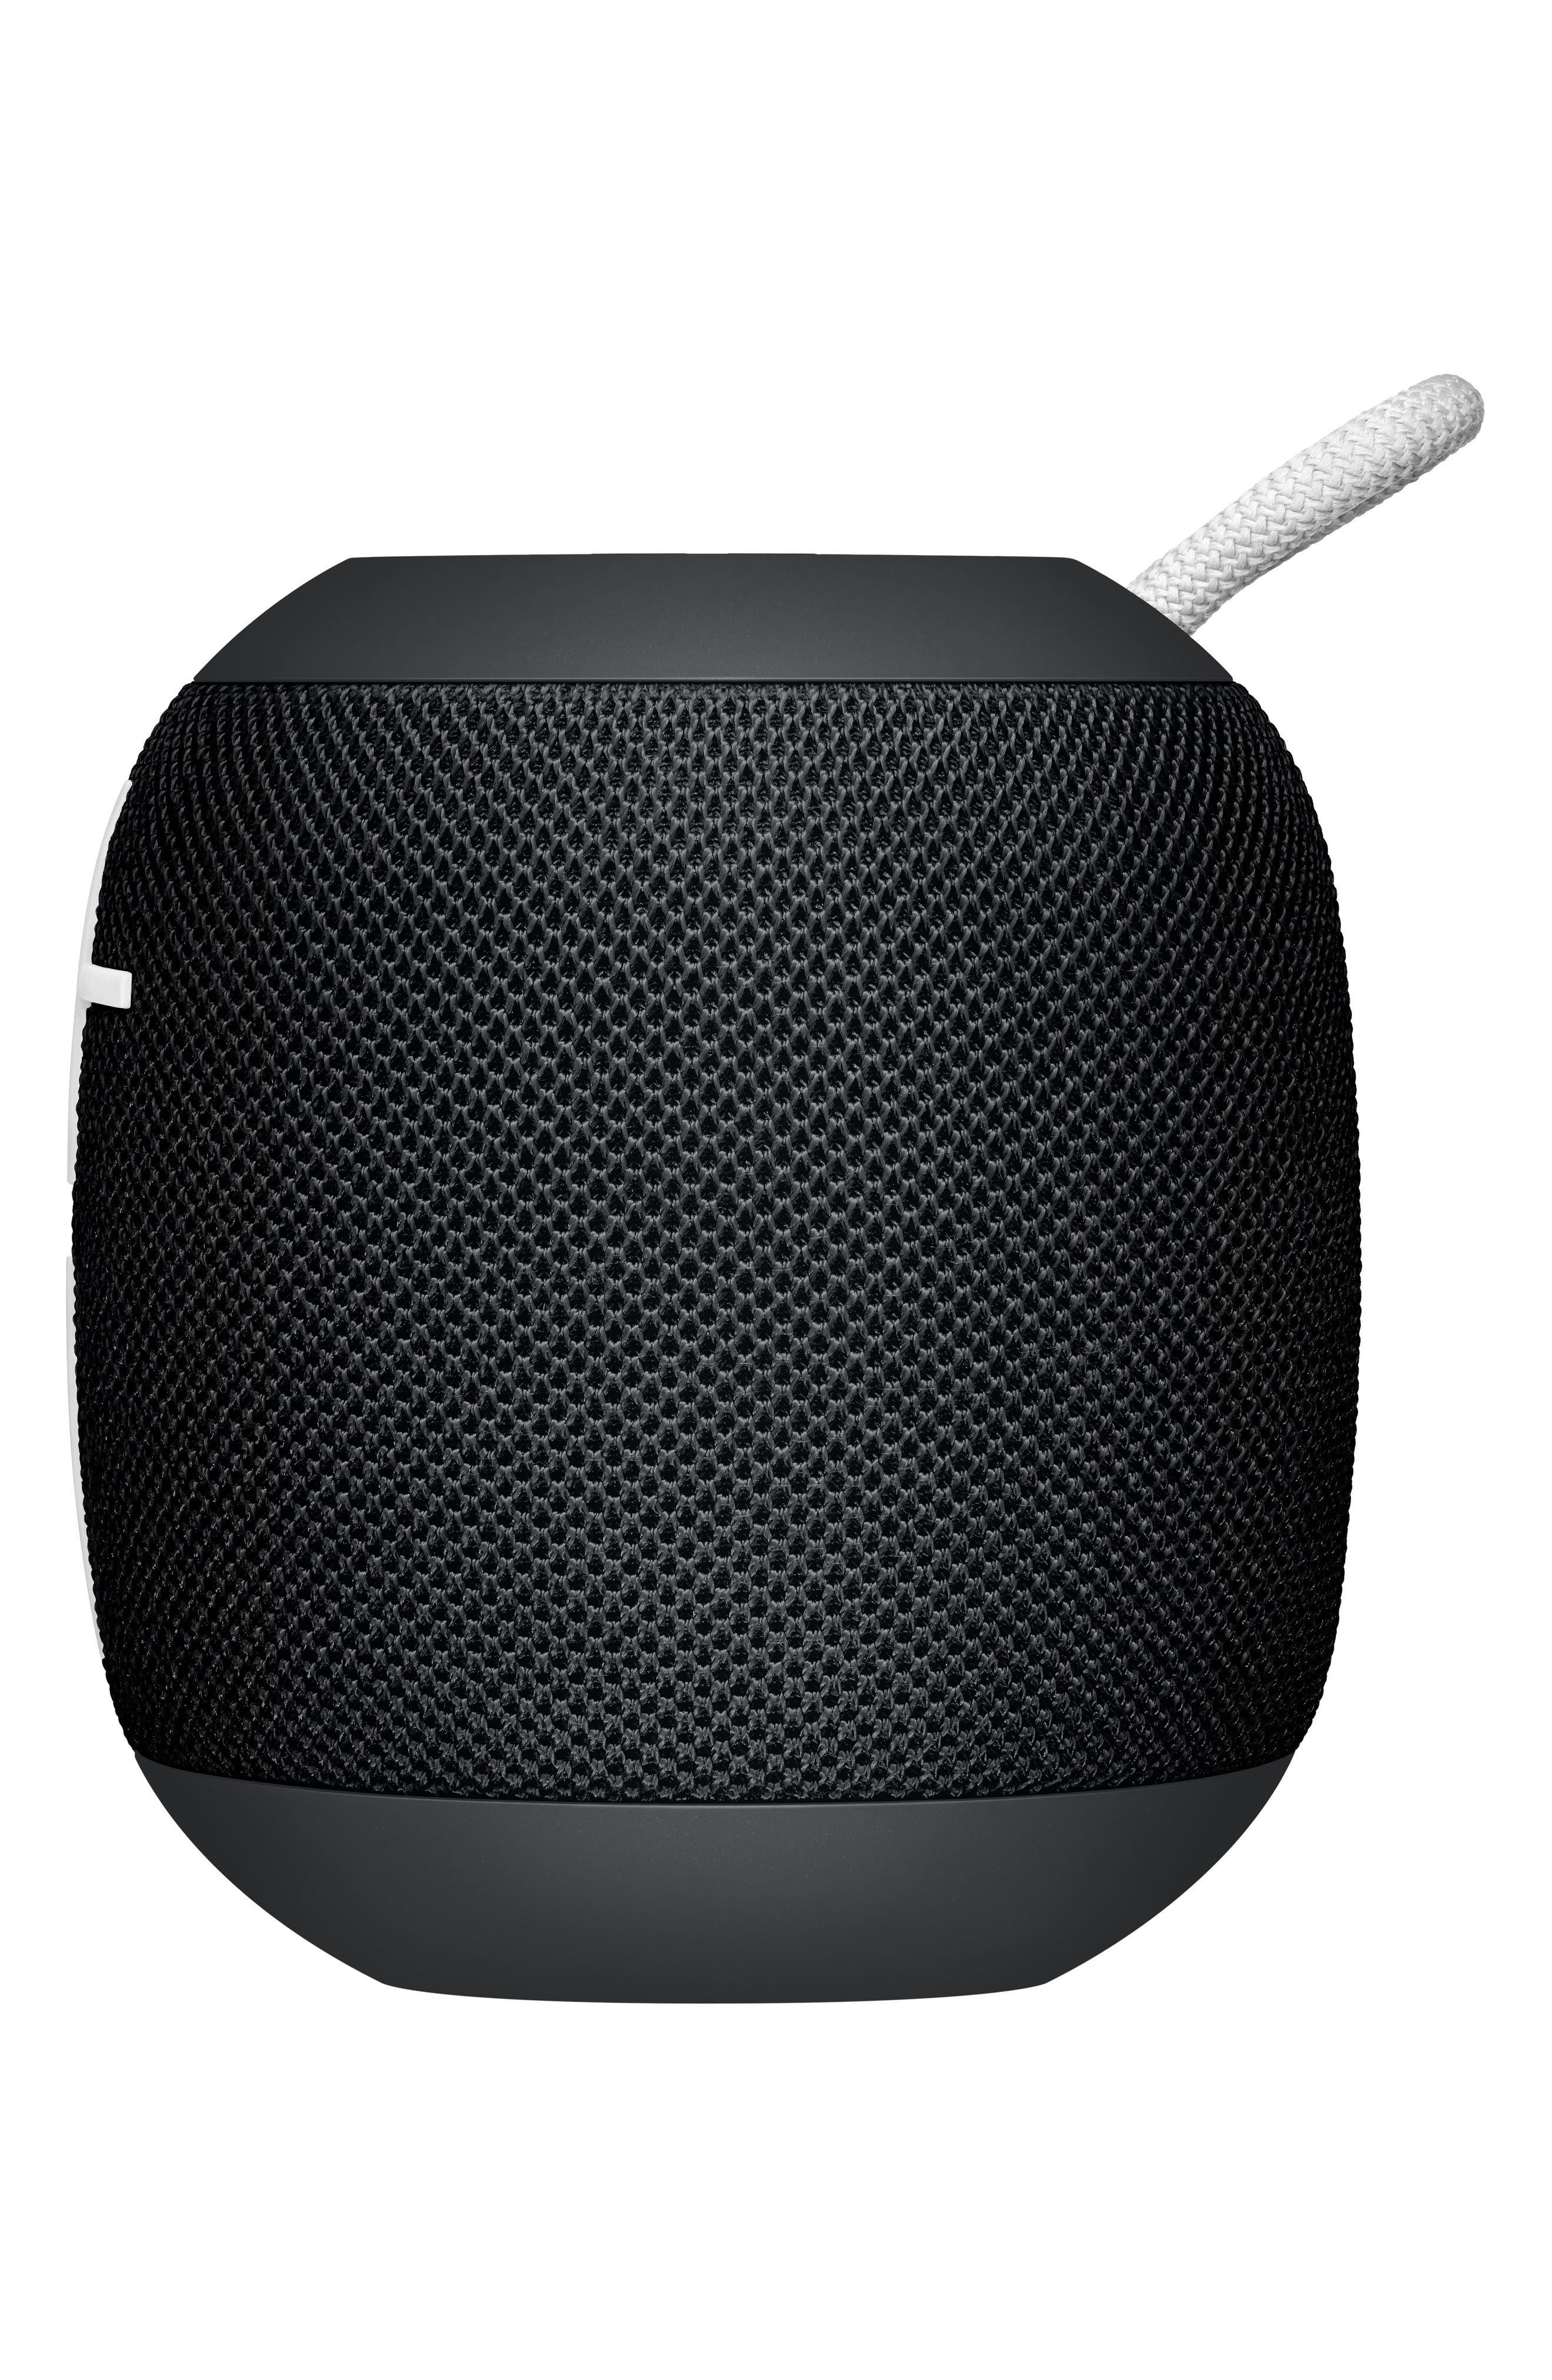 Ultimate Ears Wonderboom Portable Waterproof Bluetooth Speaker,                             Main thumbnail 1, color,                             Phantom Black